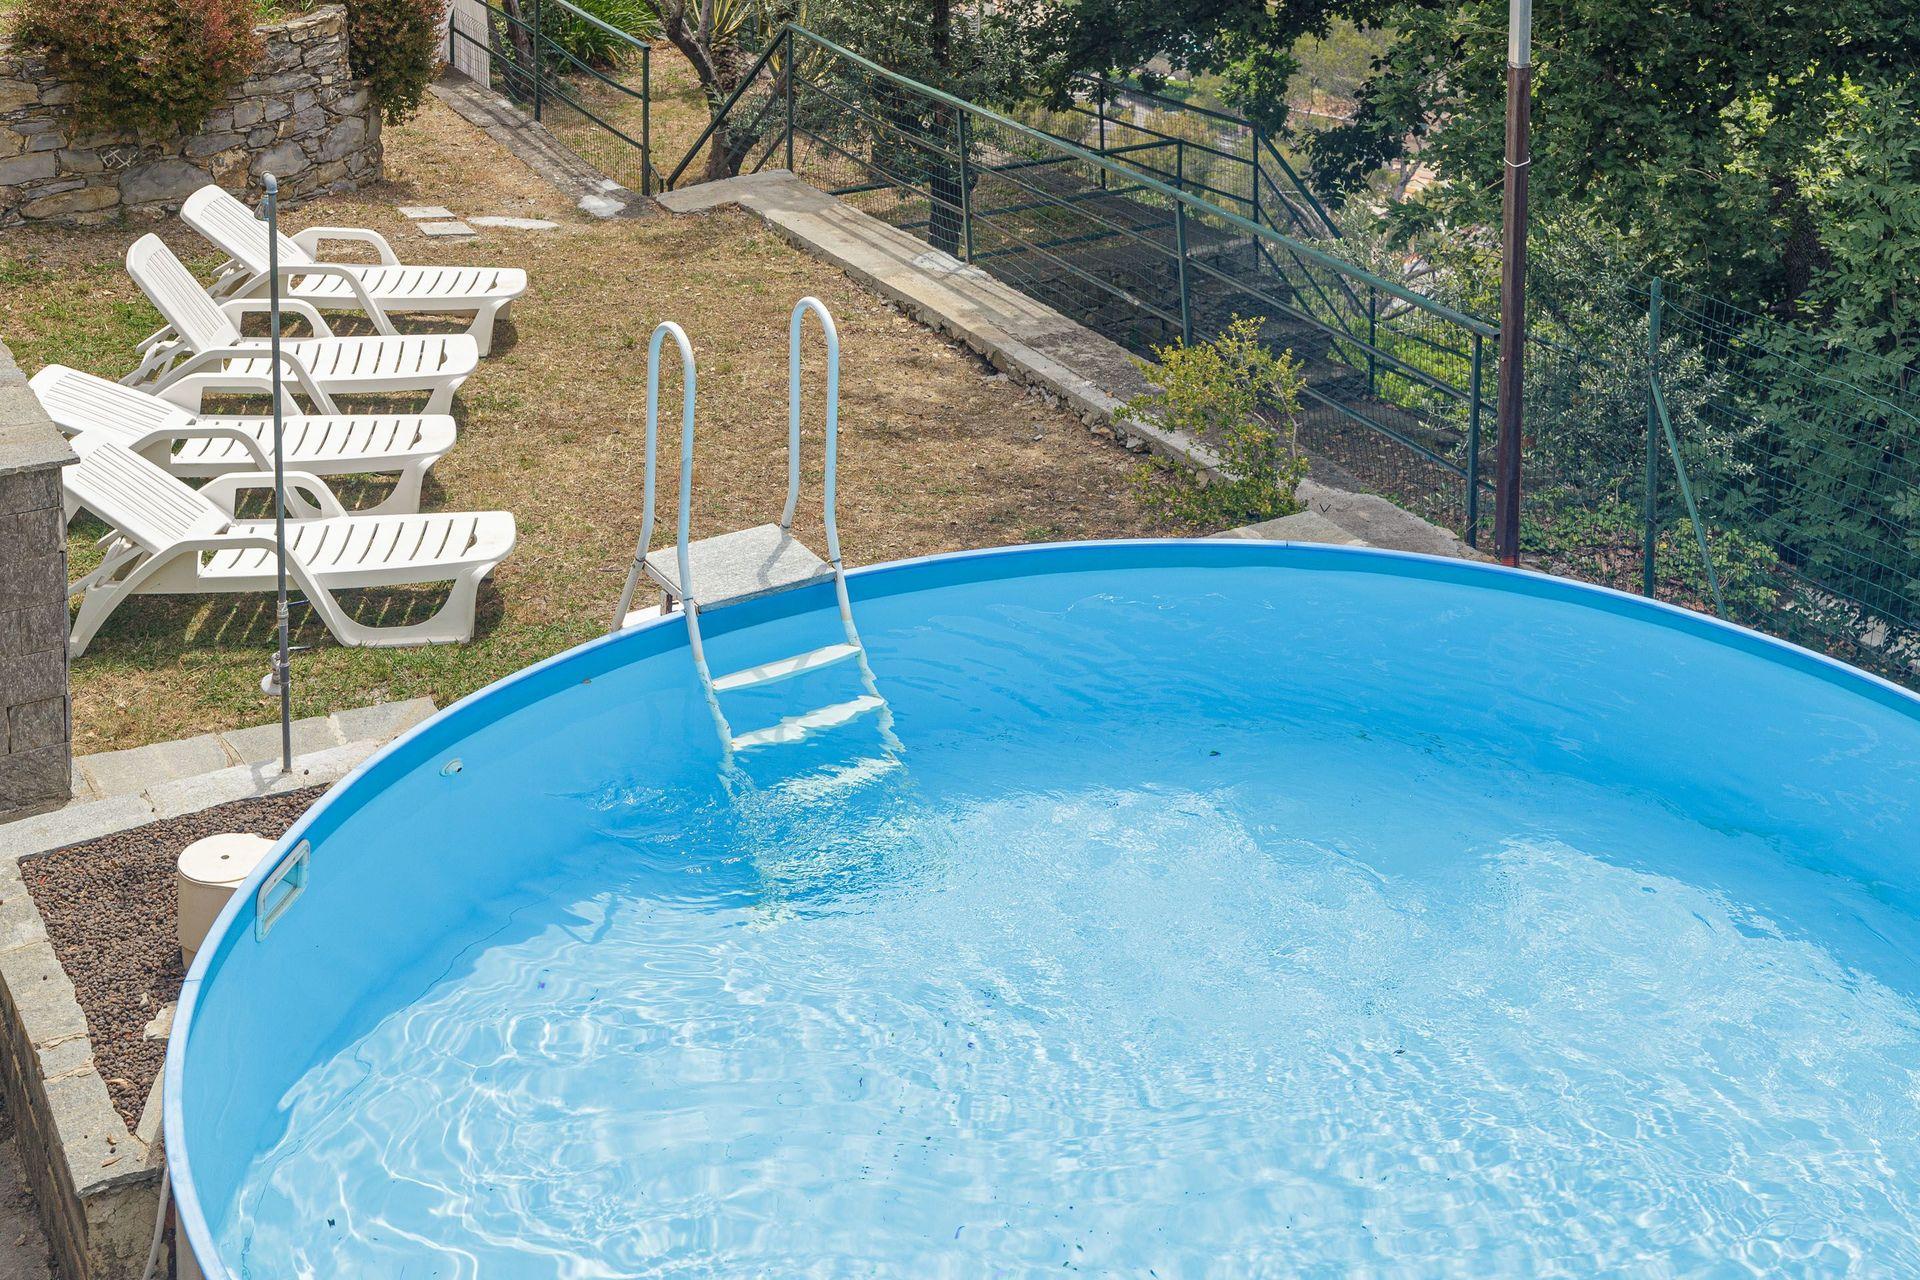 Piscina Con Jacuzzi.Villa Pia Con Piscina A Recco Vacation Rental That Sleeps